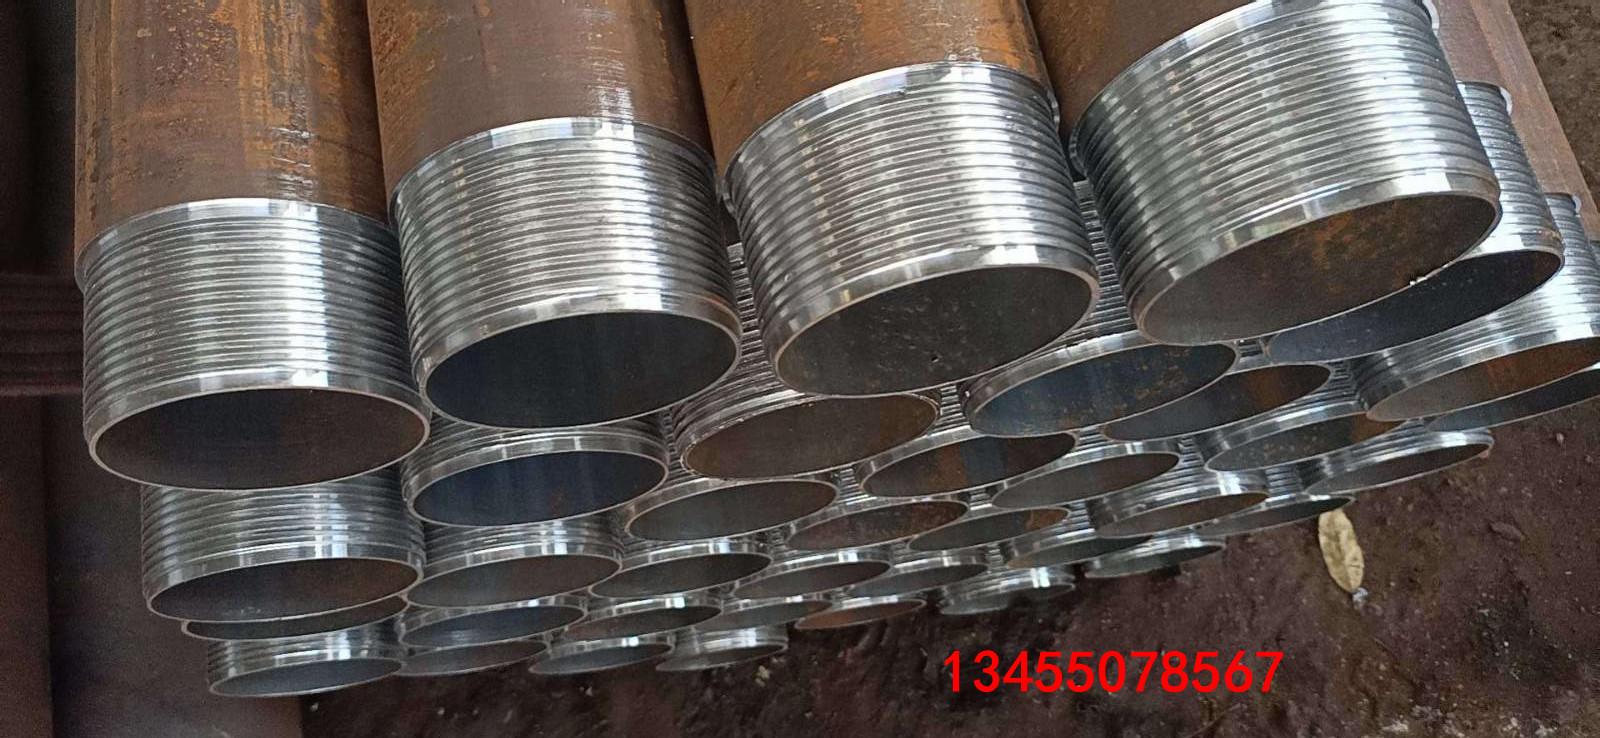 钢管丝扣连接套管优质工厂 焊接钢管钢管护筒尺寸计算